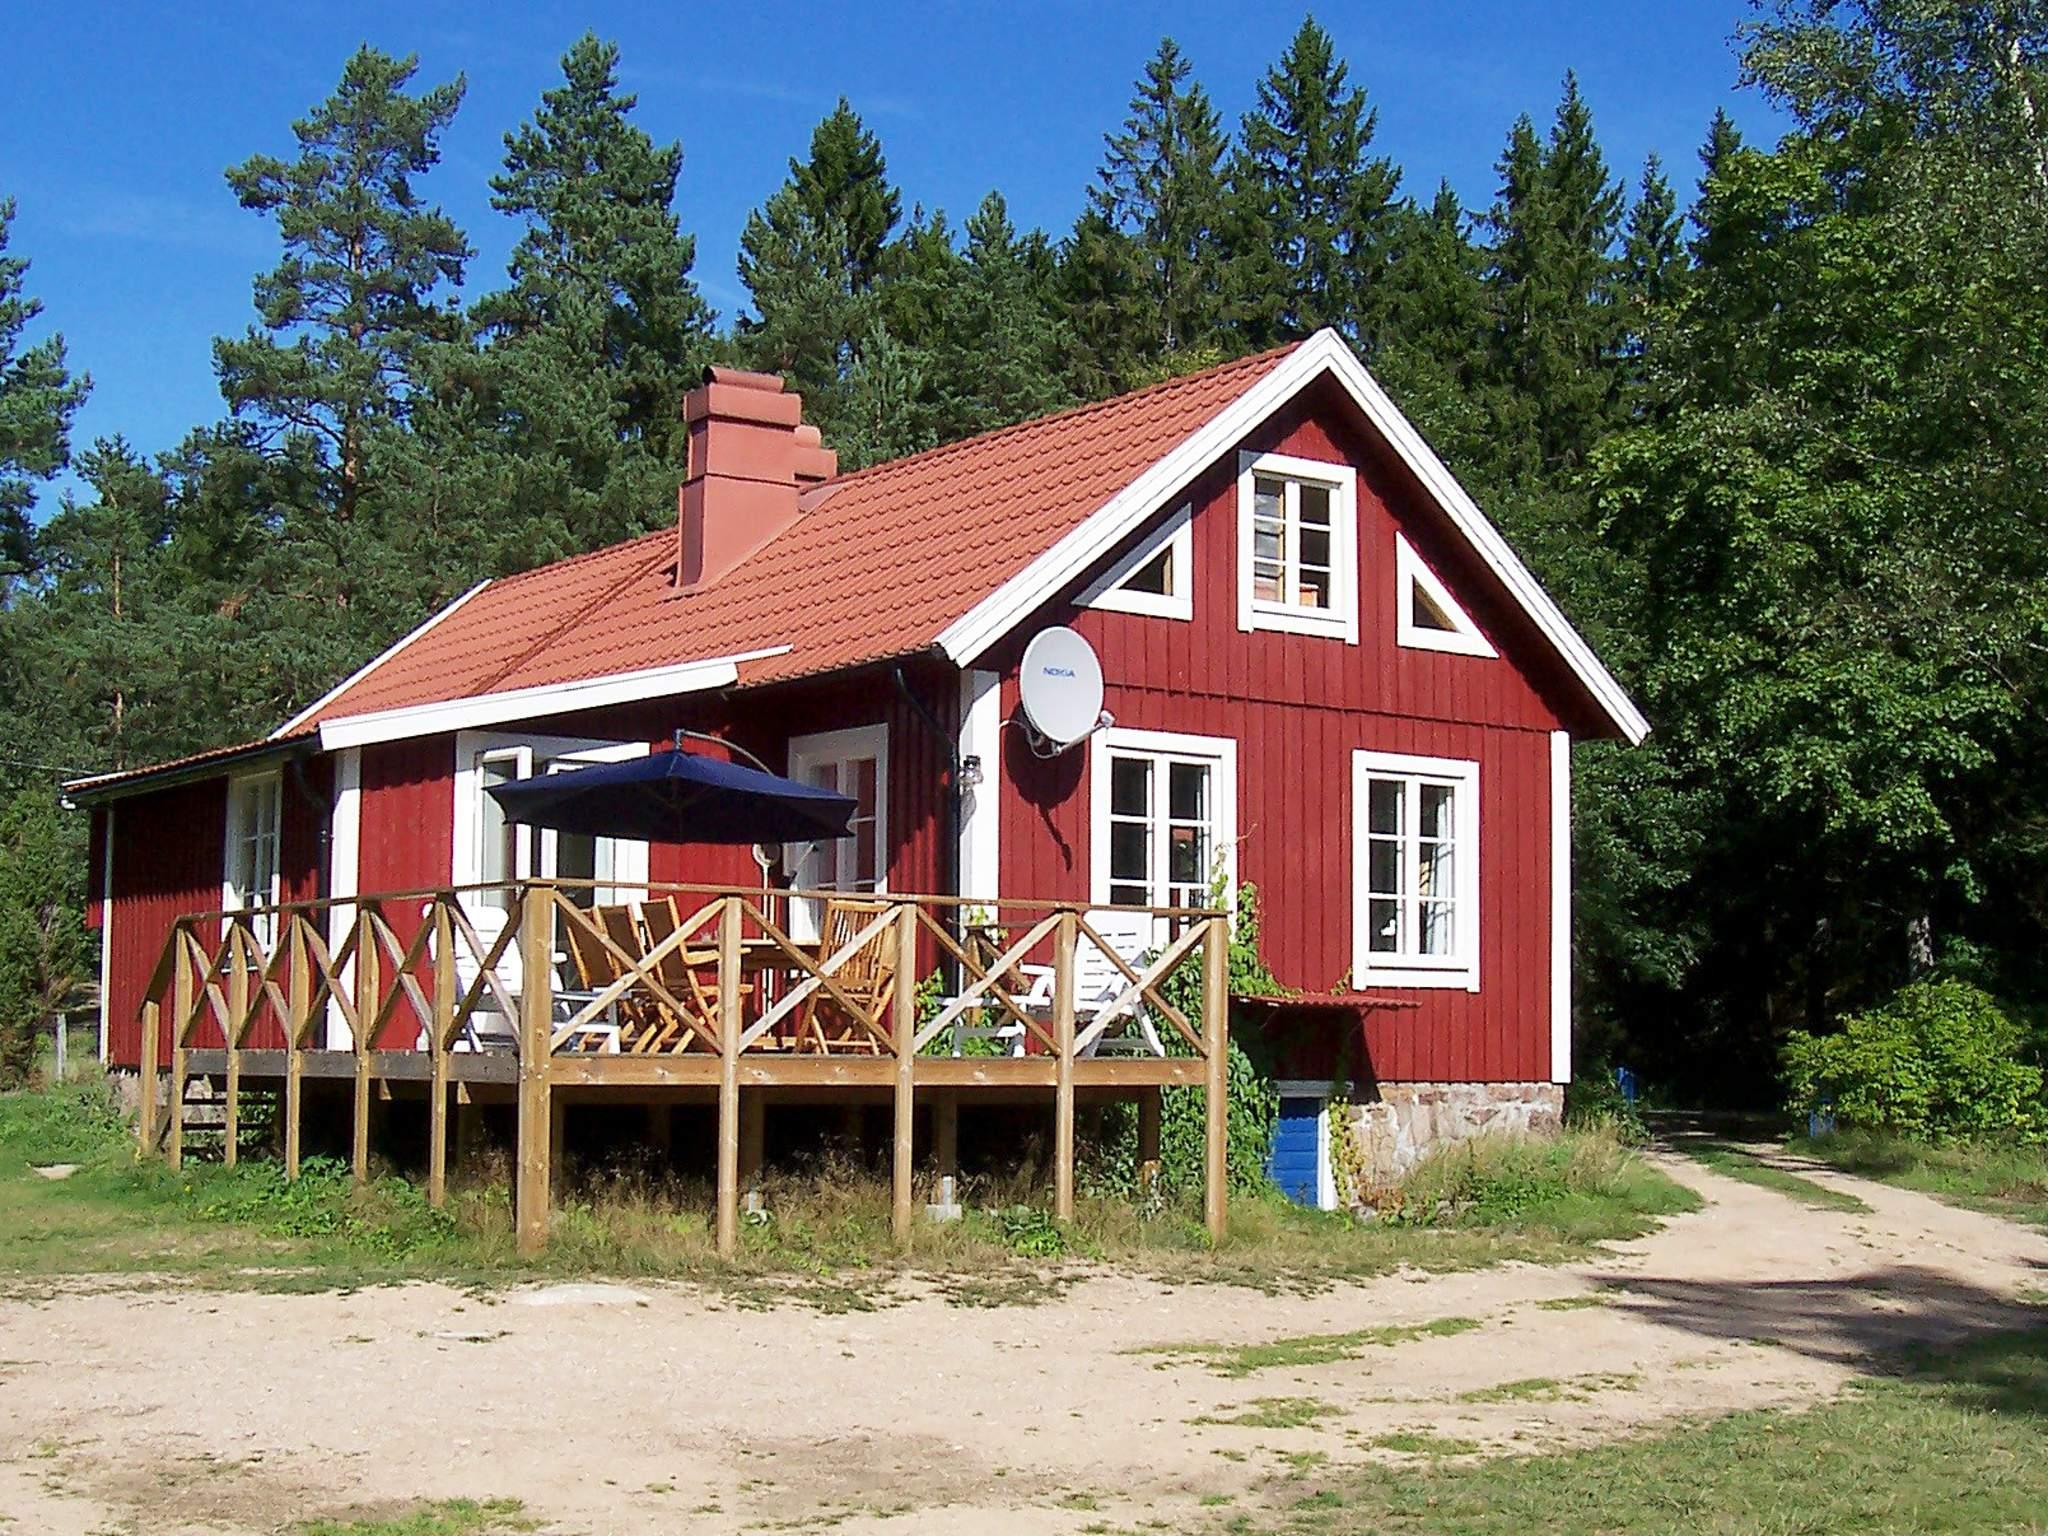 Ferienhaus Tving (135628), Tving, Blekinge län, Südschweden, Schweden, Bild 20